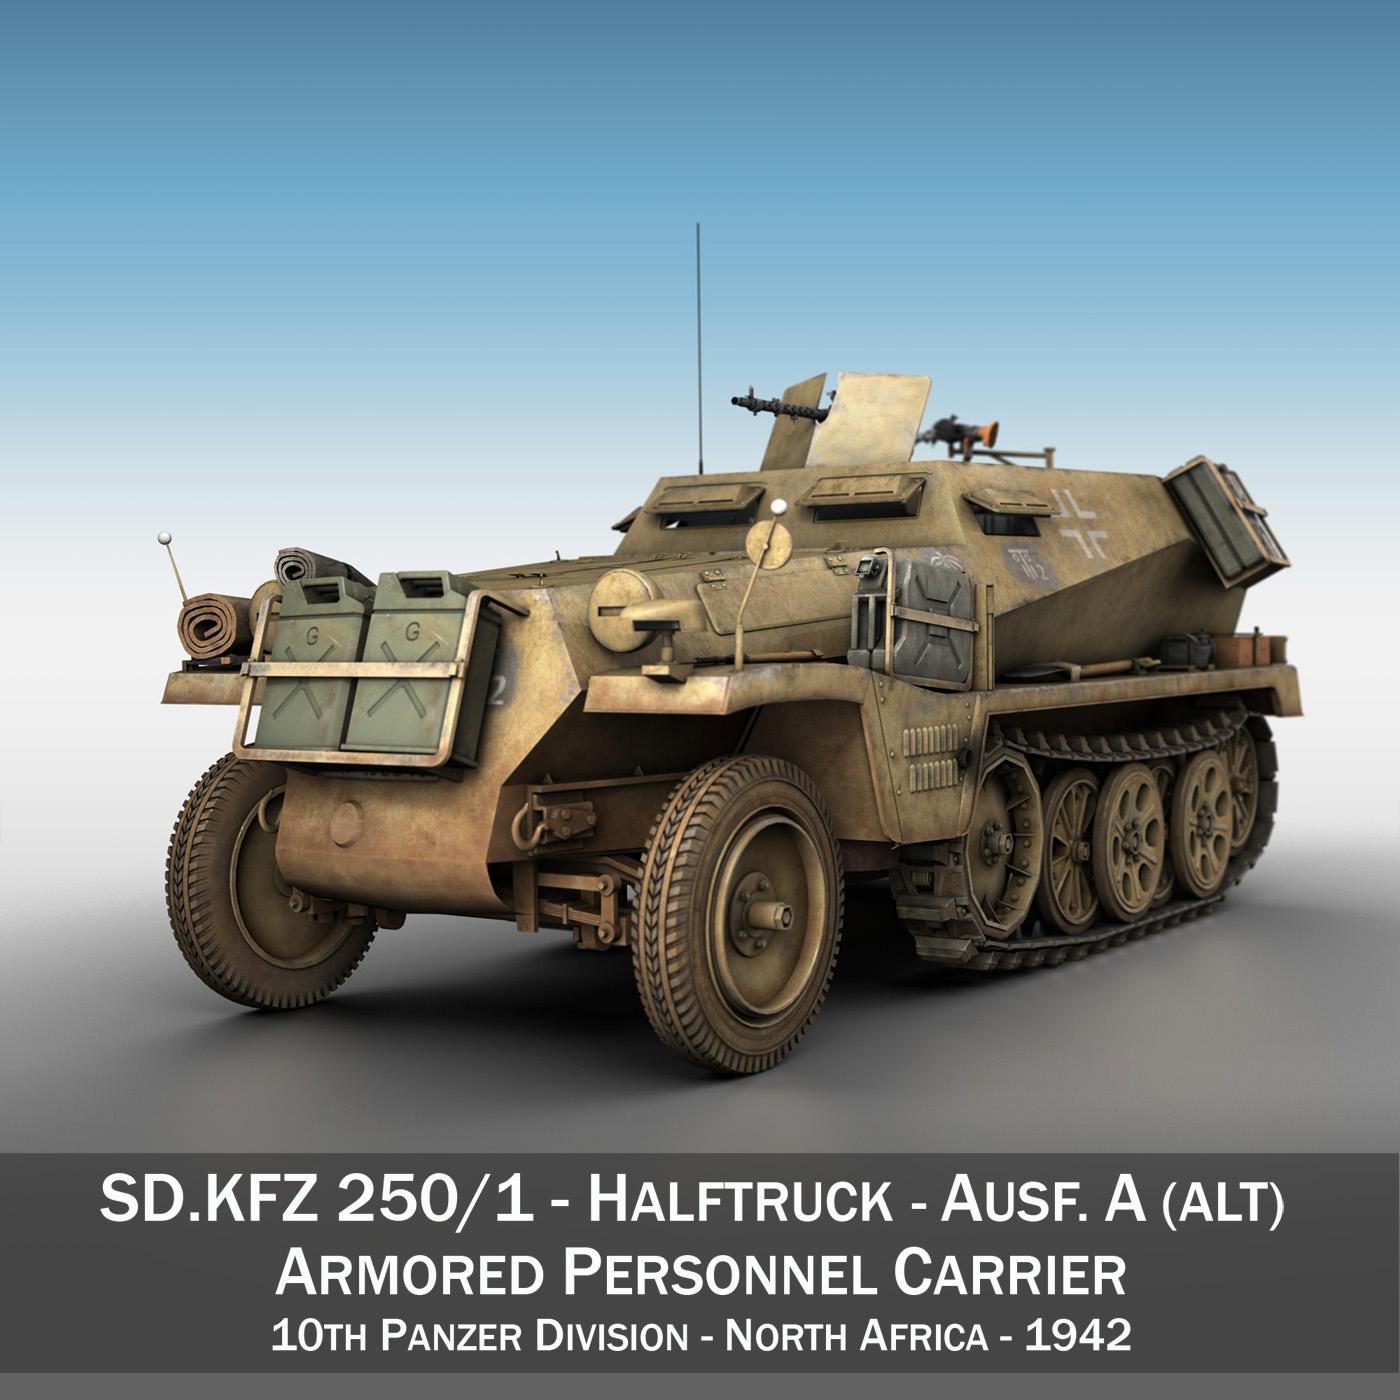 SD.KFZ 250/1 - Halftruck - 10PD 3d model 3ds fbx c4d lwo lws lw obj 292178